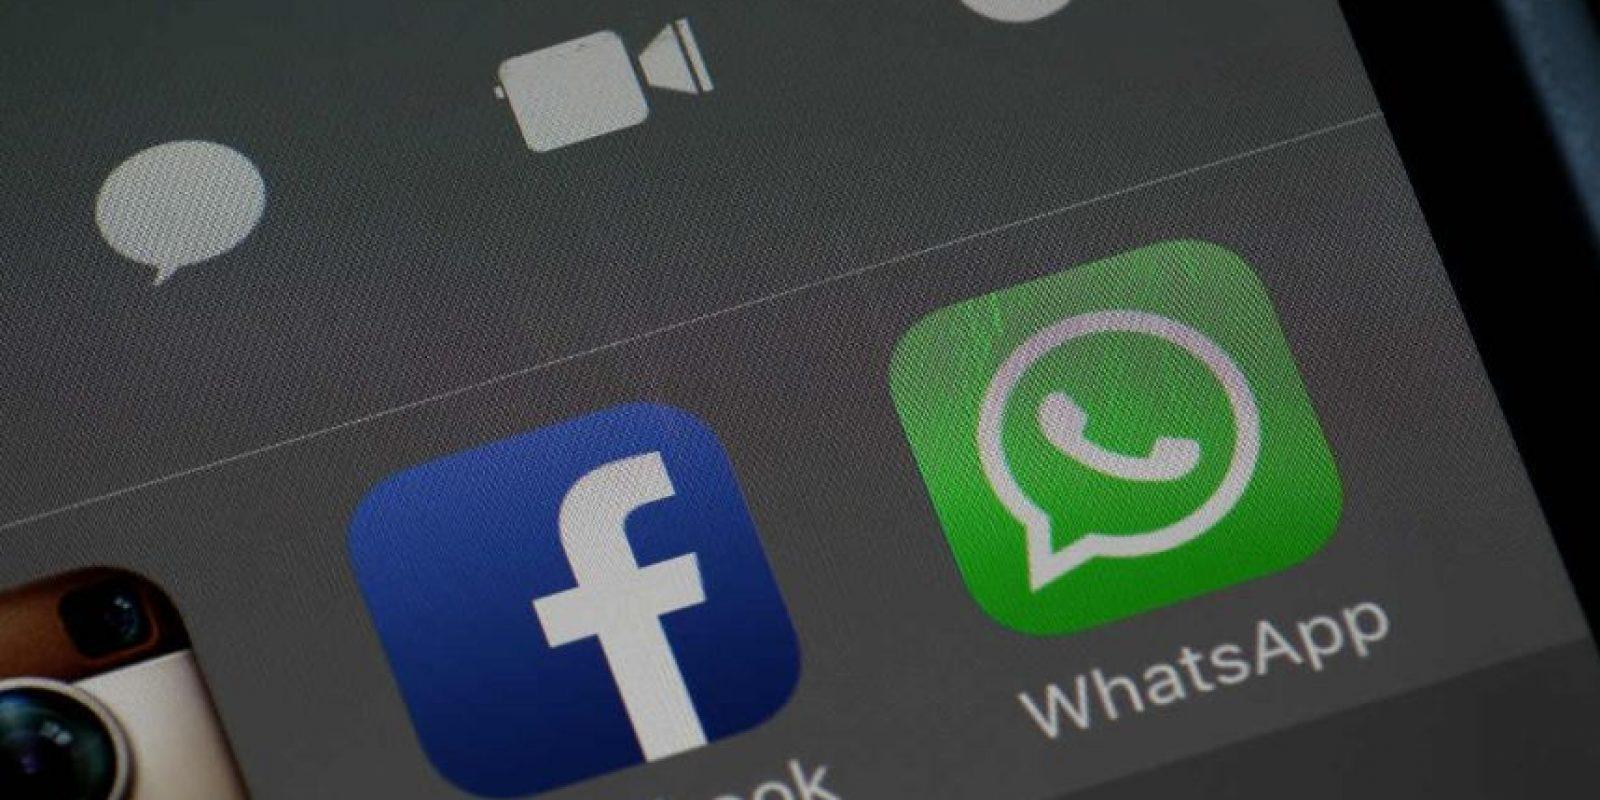 Las versiones obsoletas de Android no permiten mejoras del mensajero. Foto:Getty Images